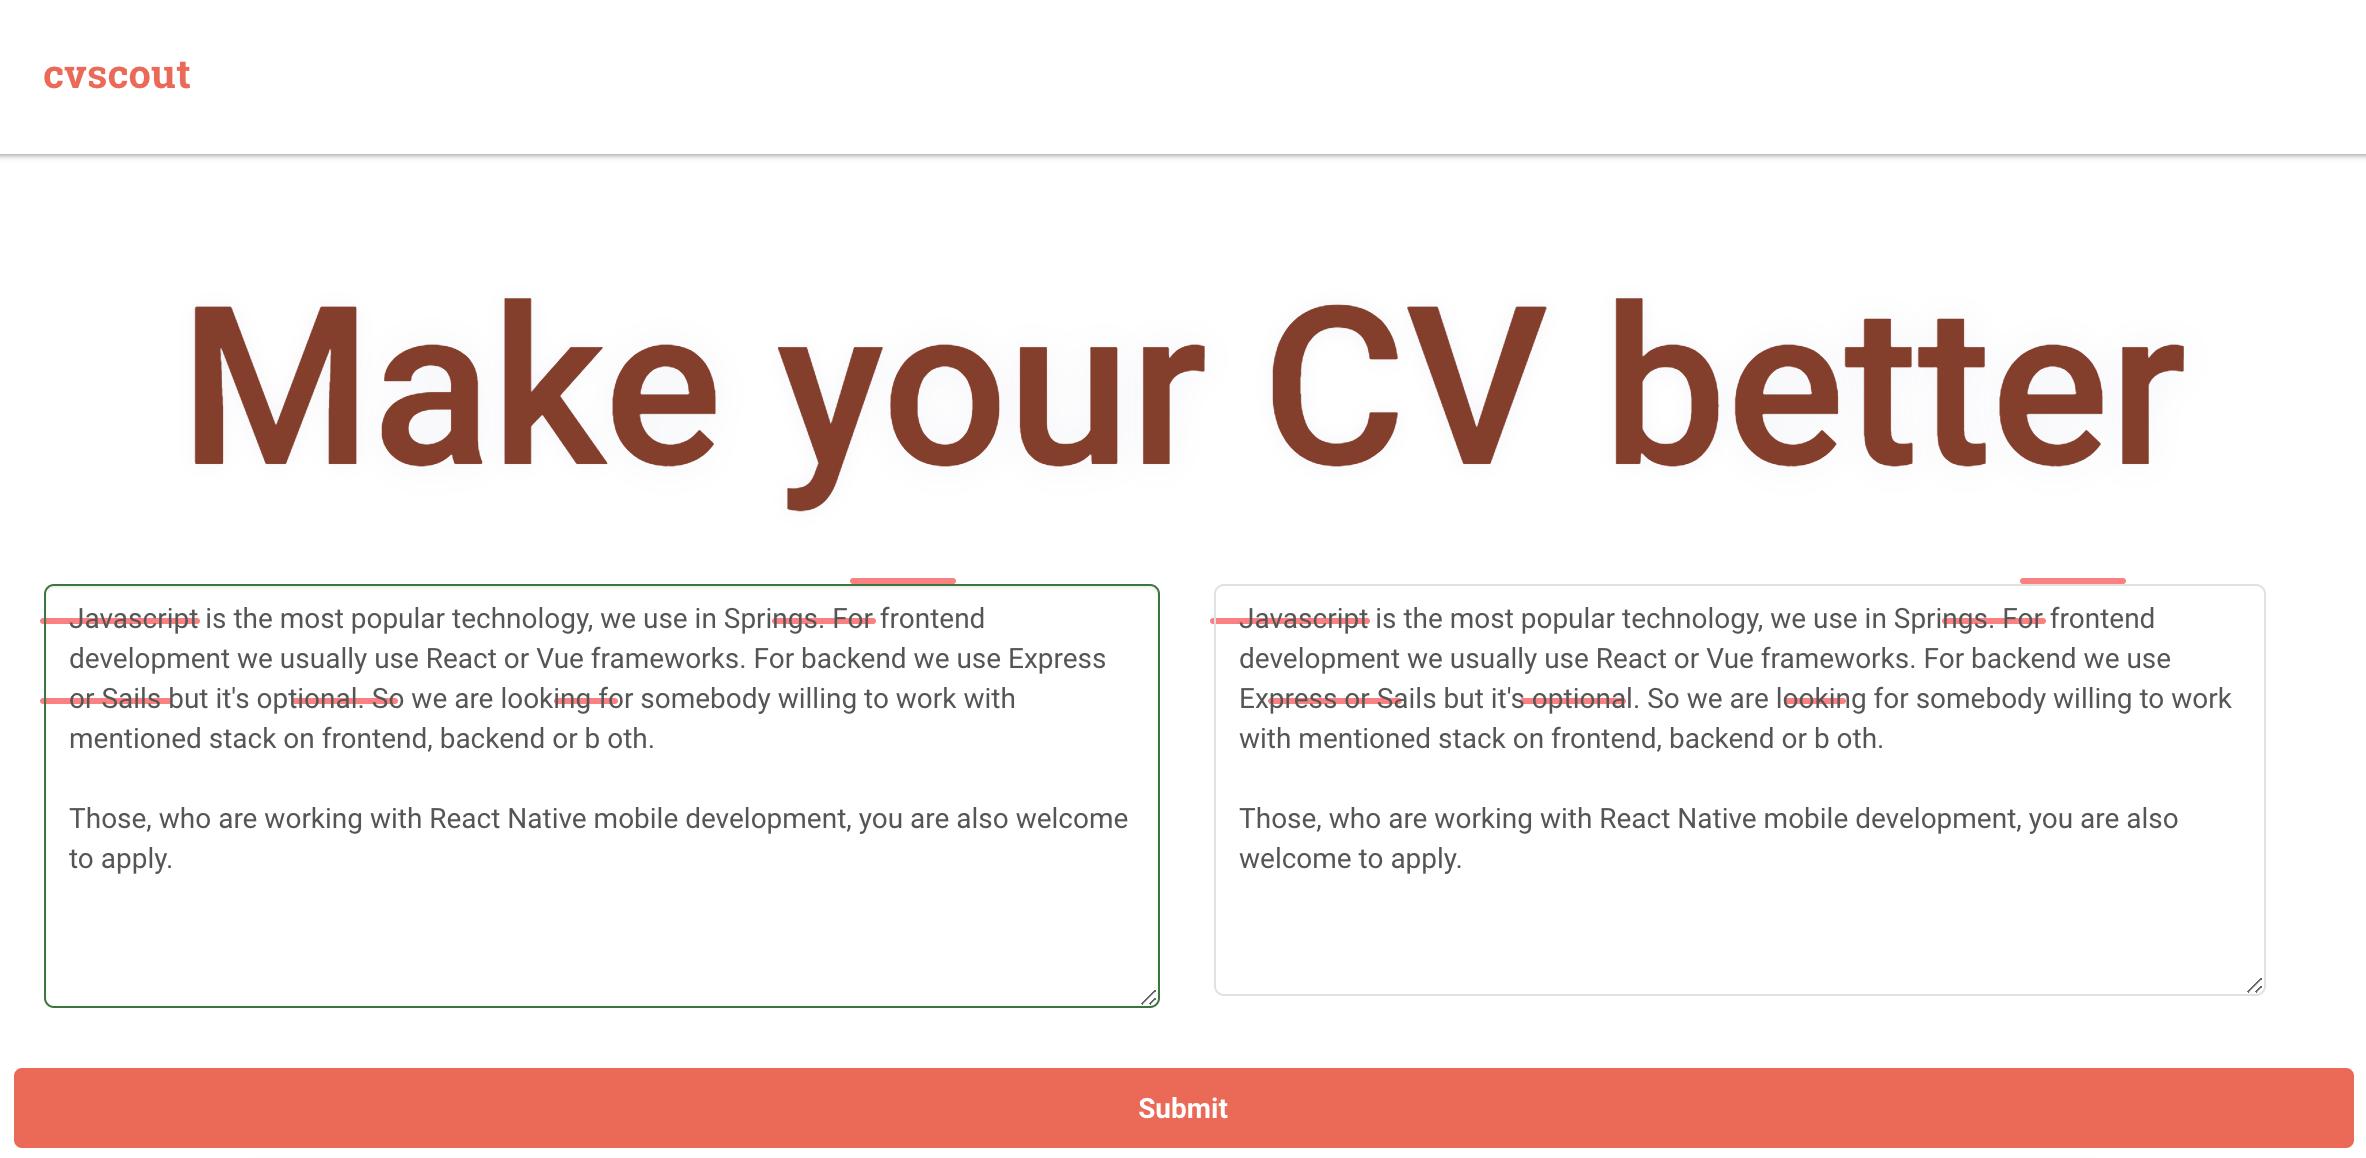 cv-scanning-tool5b8af097652fec1ddac97186